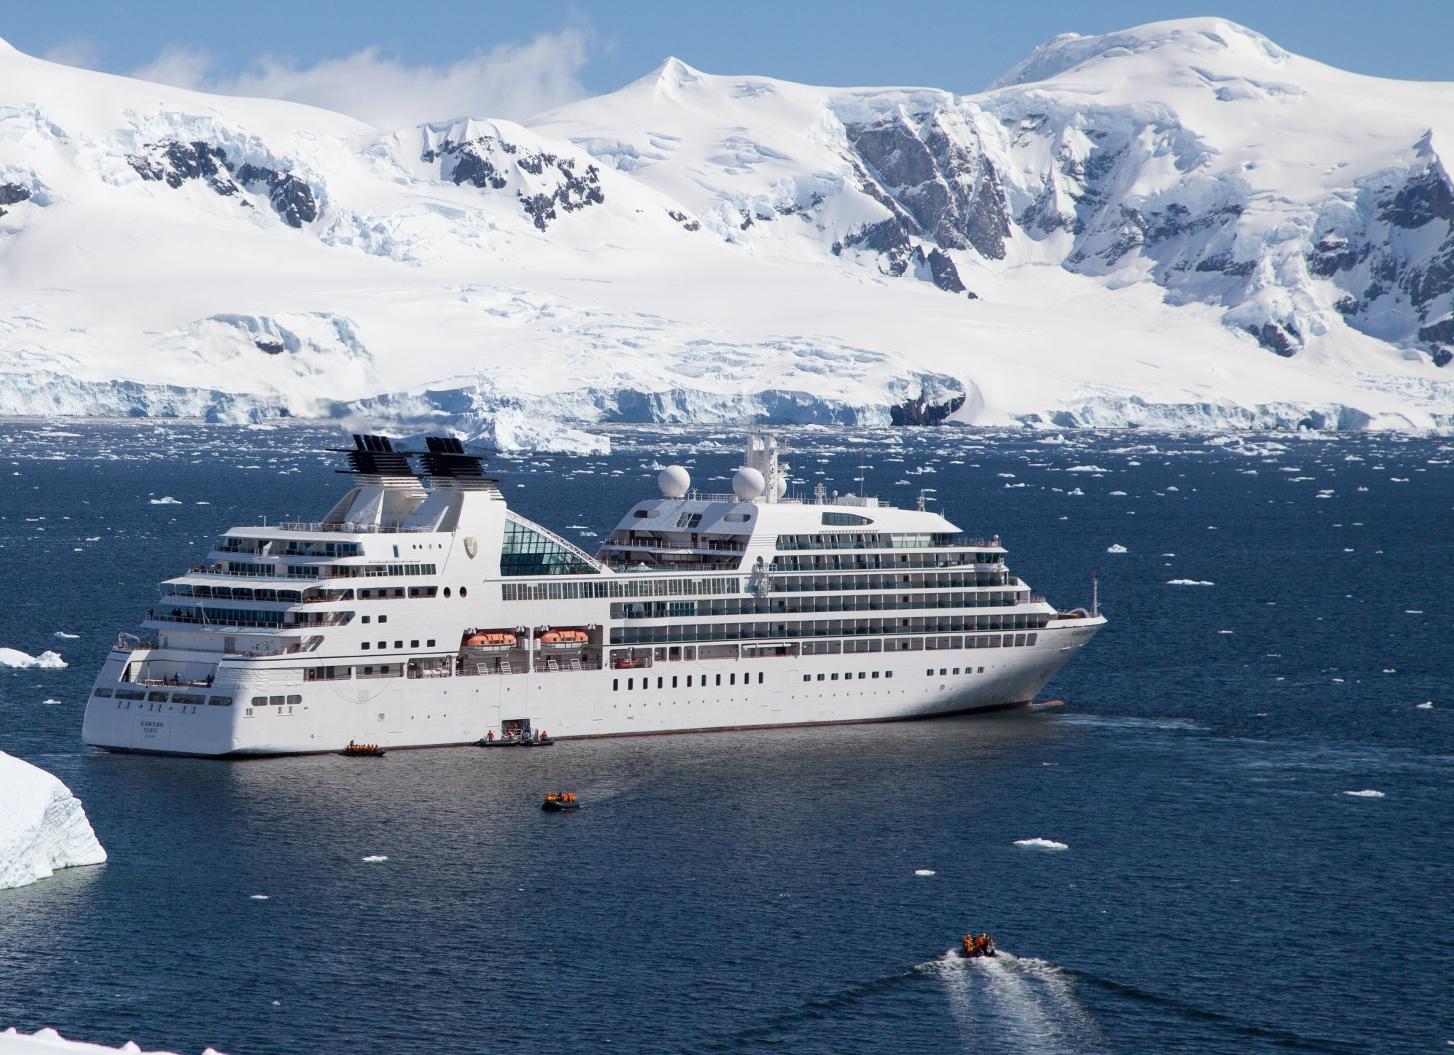 Seabourn skal have to ekspeditionsskibe til luksuskrydstogter – her arkivfoto af et andet af rederiets skibe. Foto: Seabourn.